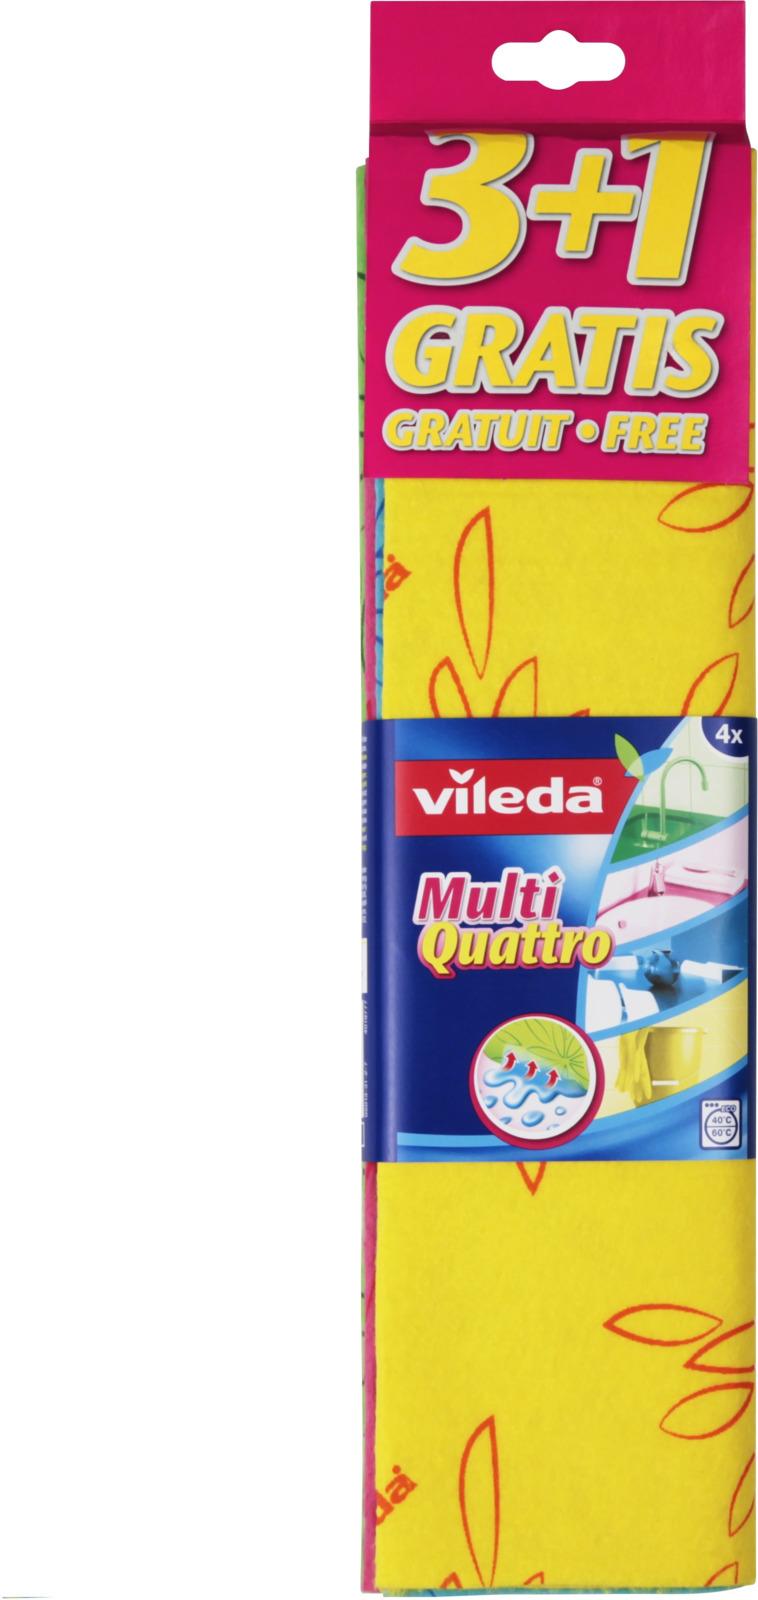 Набор универсальных вискозных салфеток Vileda Мульти Кватро, 4 шт прогулки из шкатулки кватро москва 4 игры в одной коробке